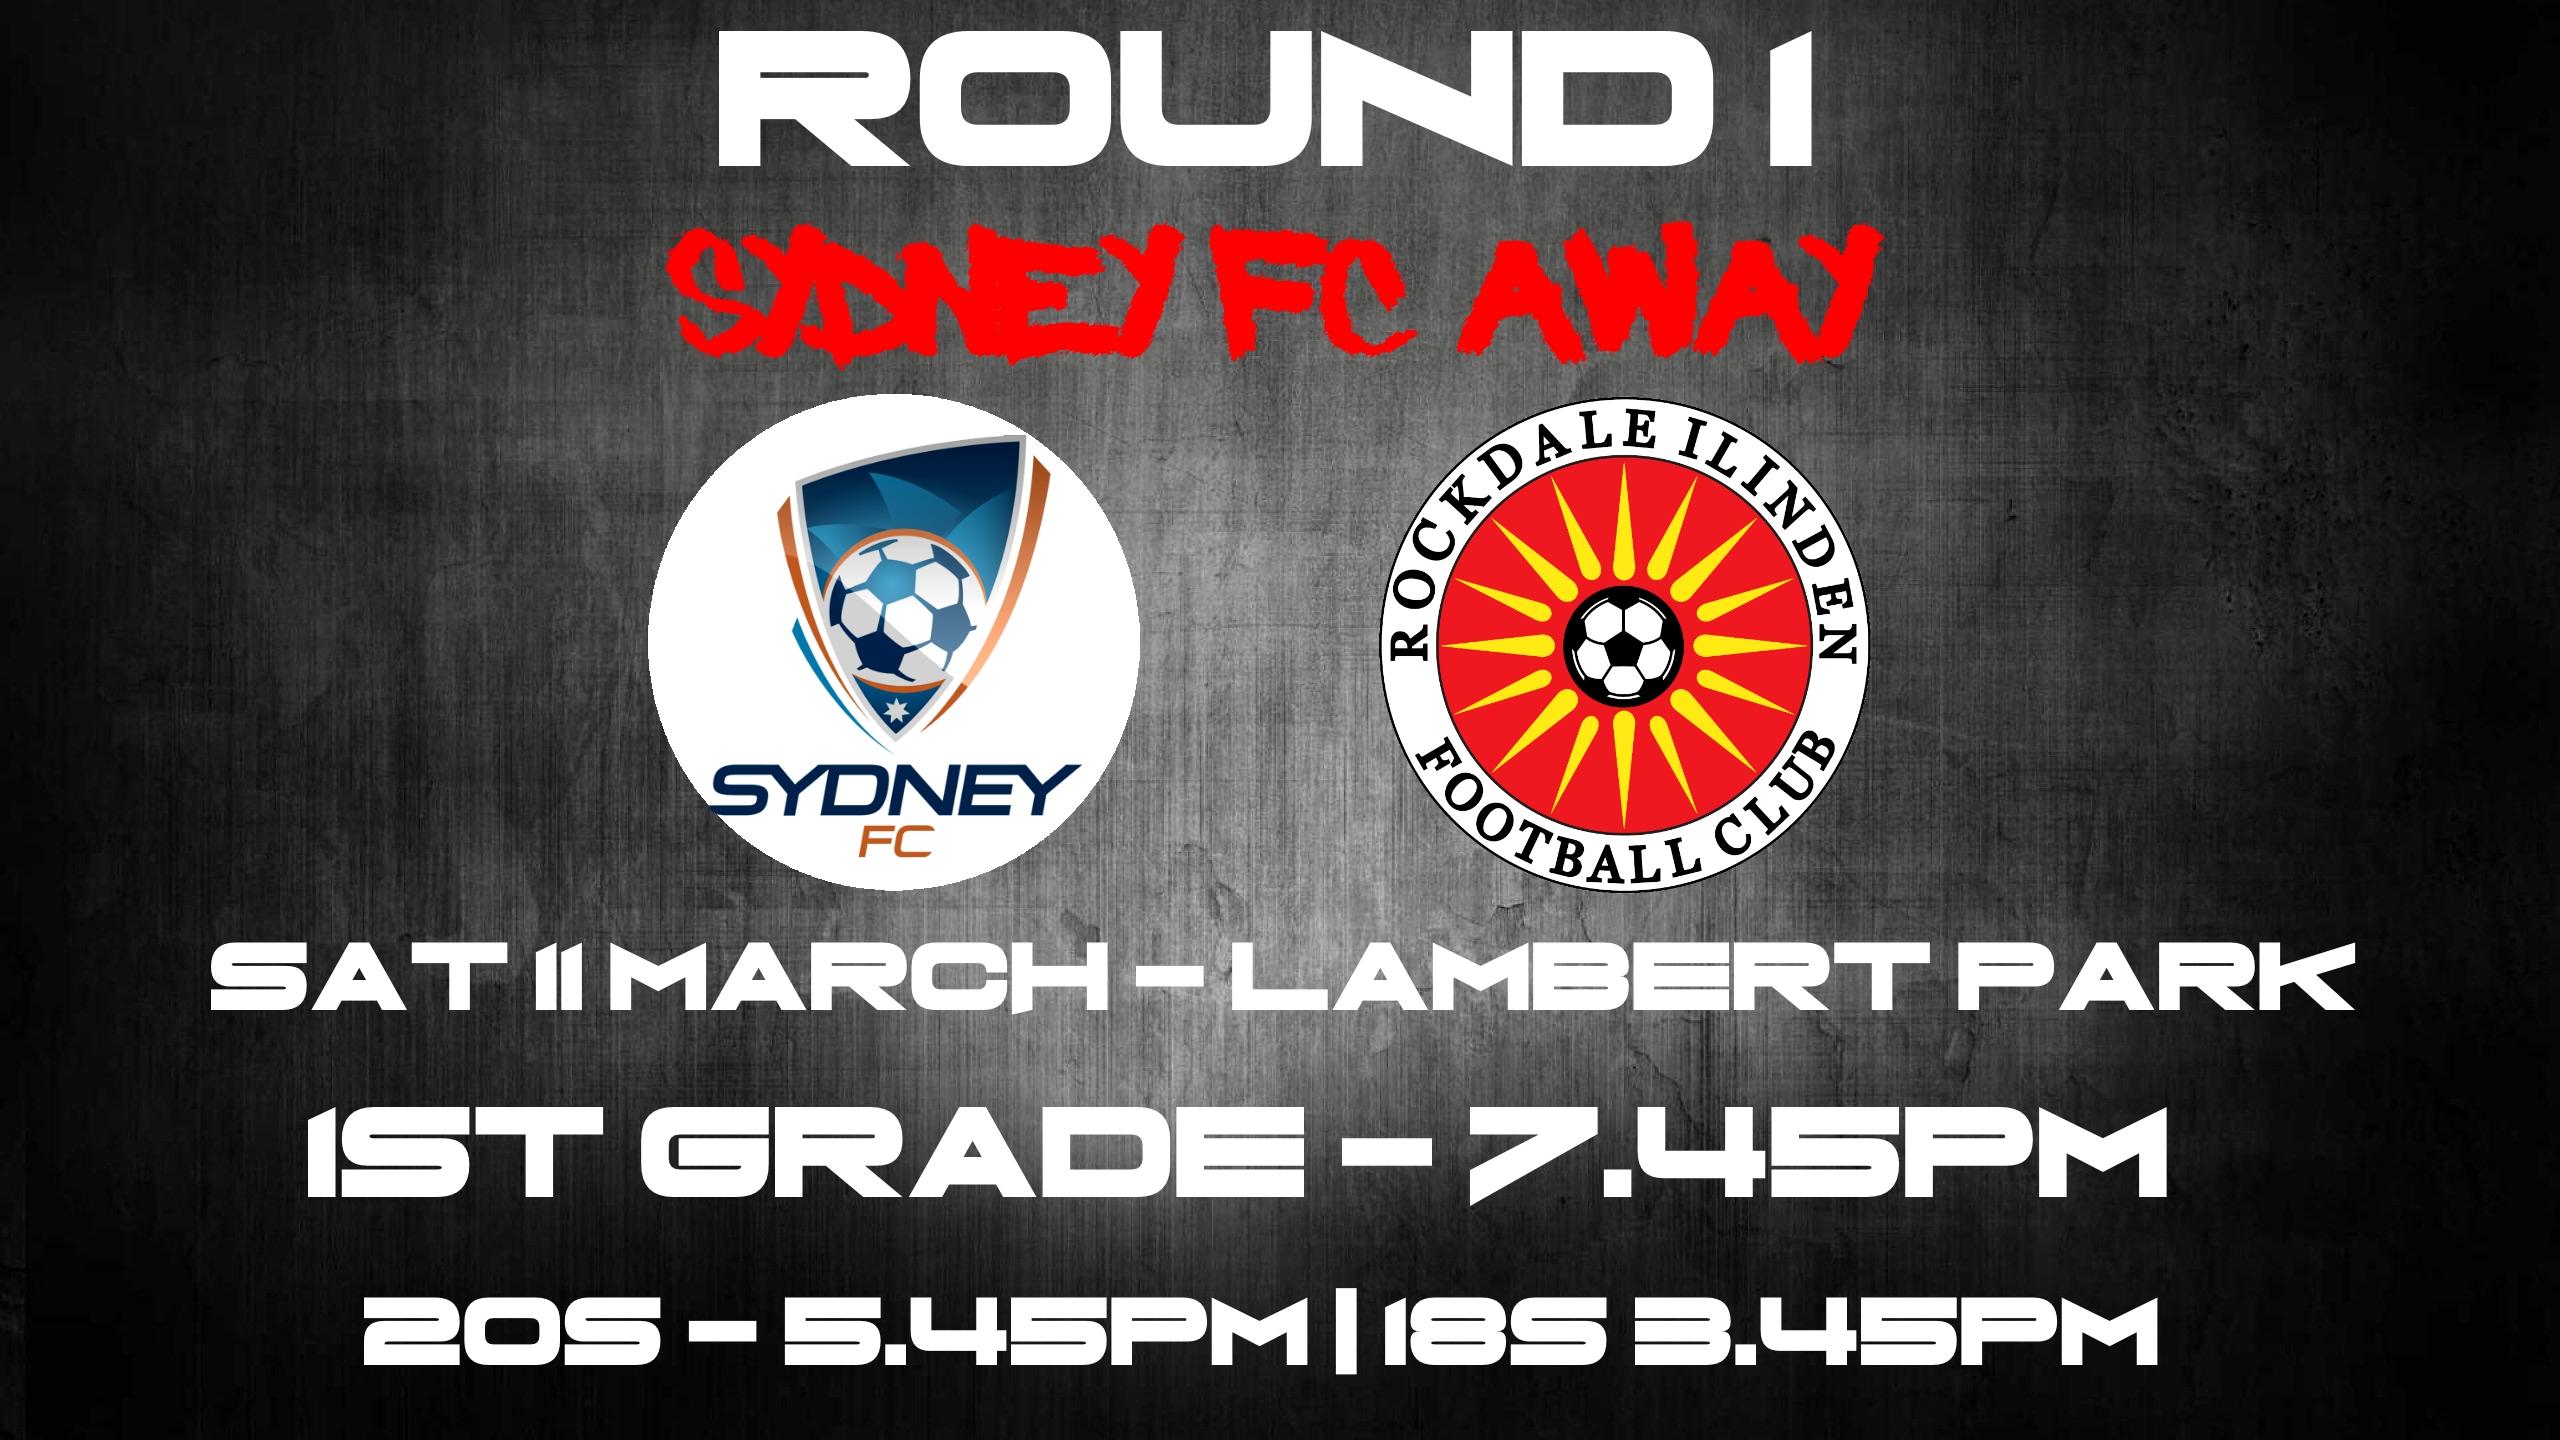 Round 1 SFC away